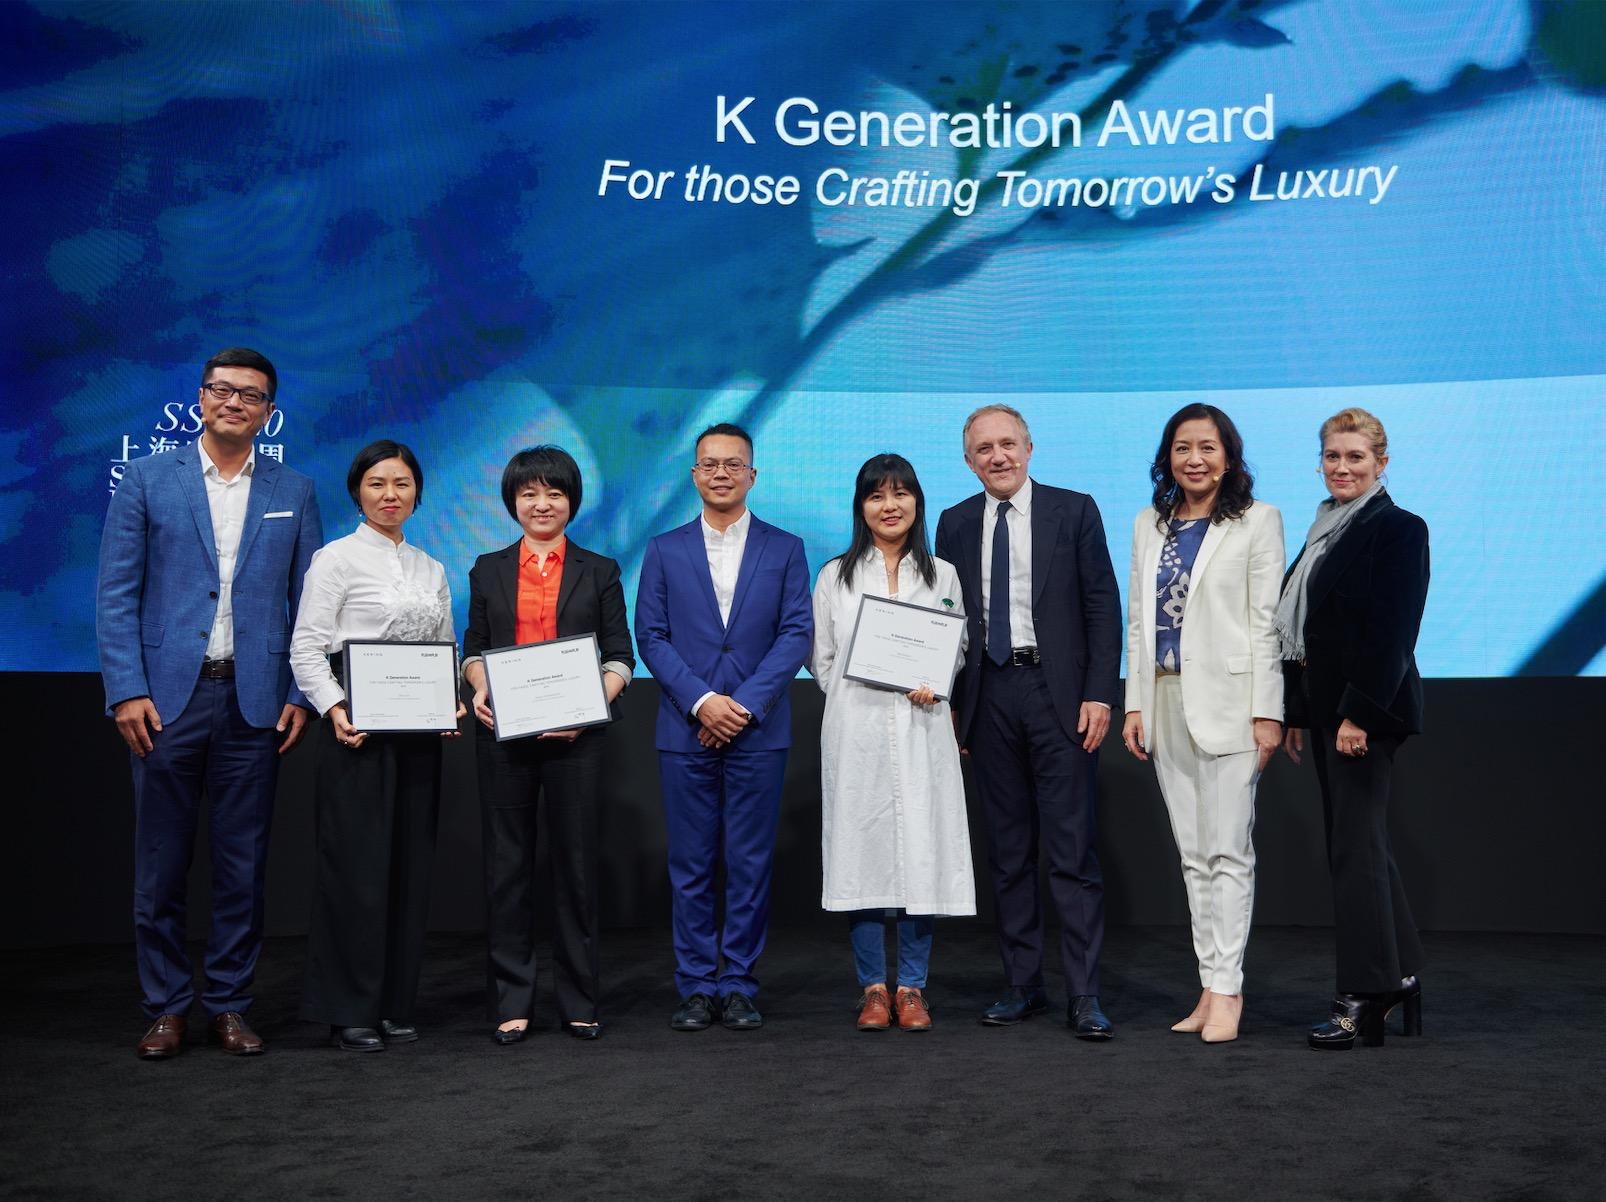 三家创业公司赢得法国开云集团在中国设立的首届可持续创新大奖